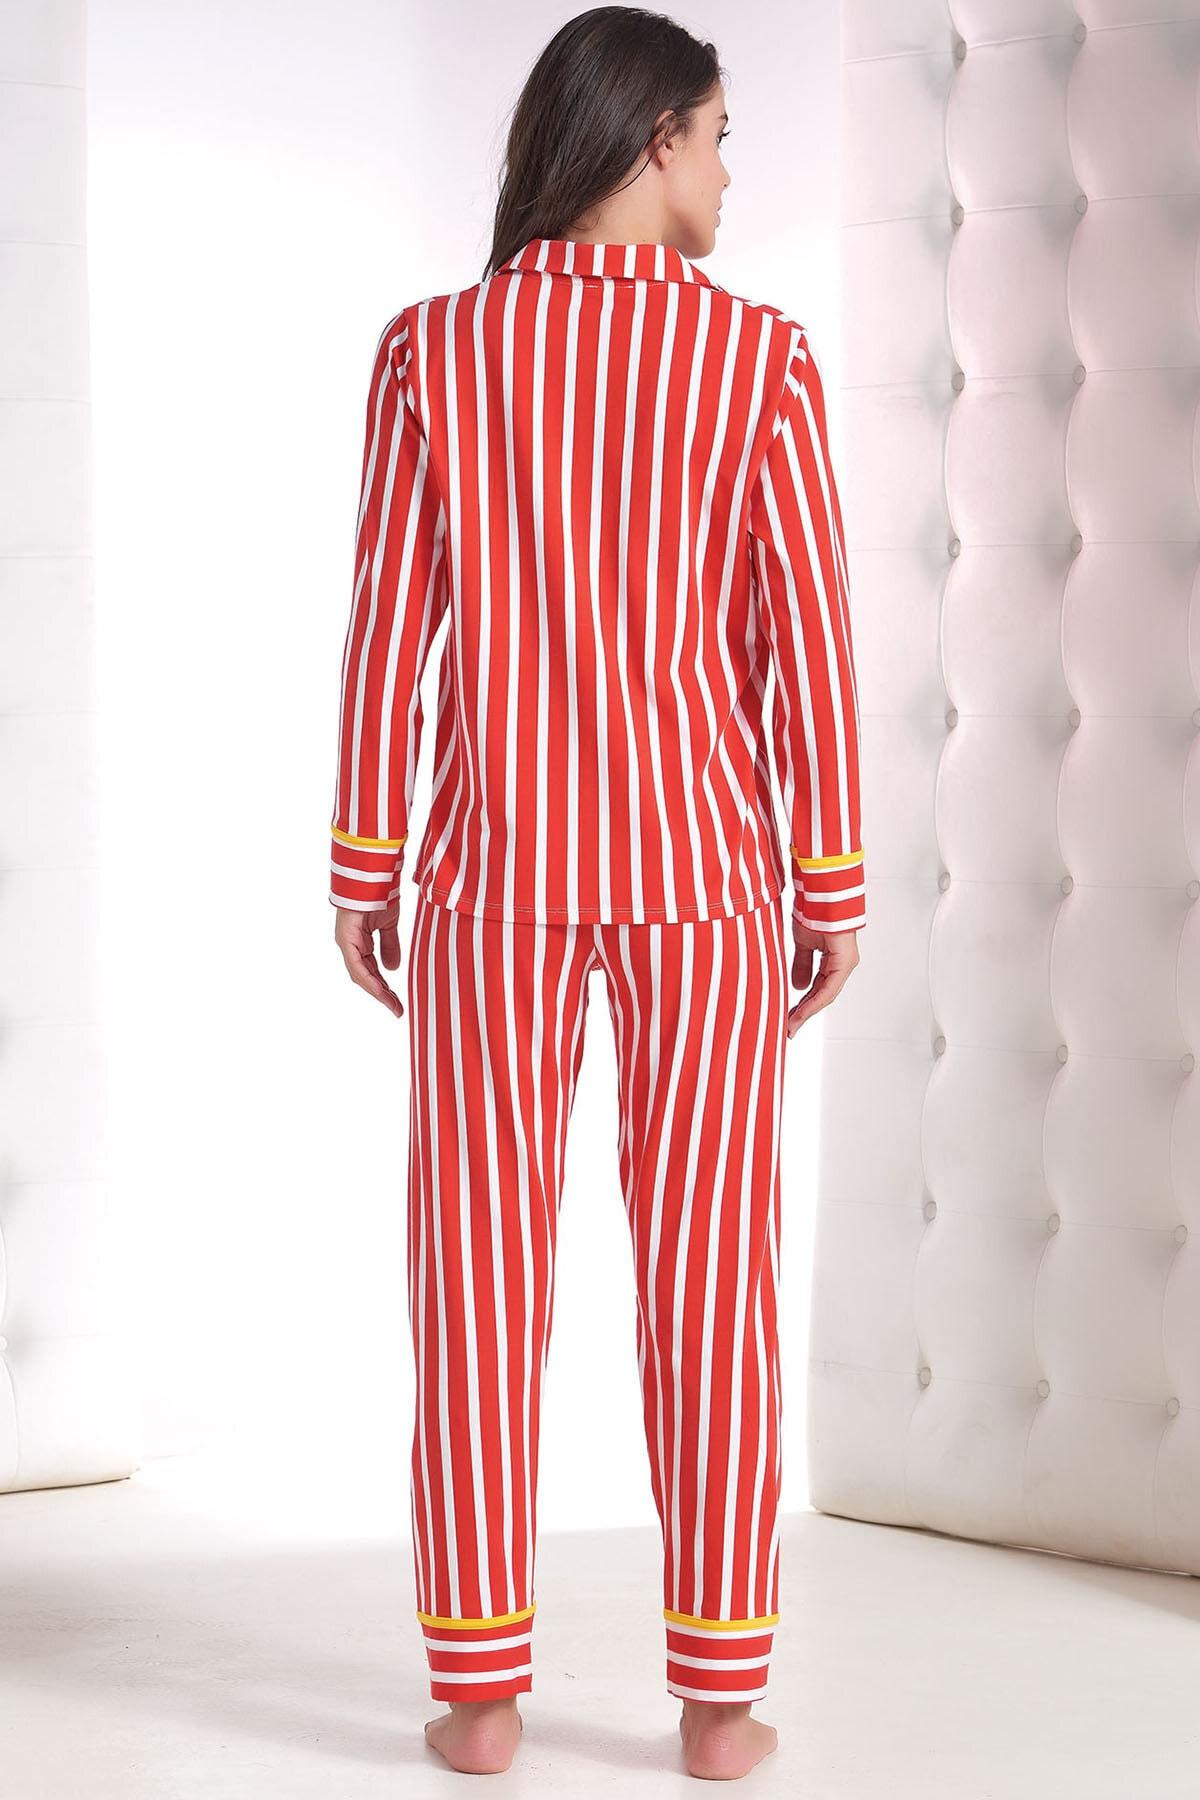 ZEY Kadın Kırmızı Baskılı Pijama Takım 2